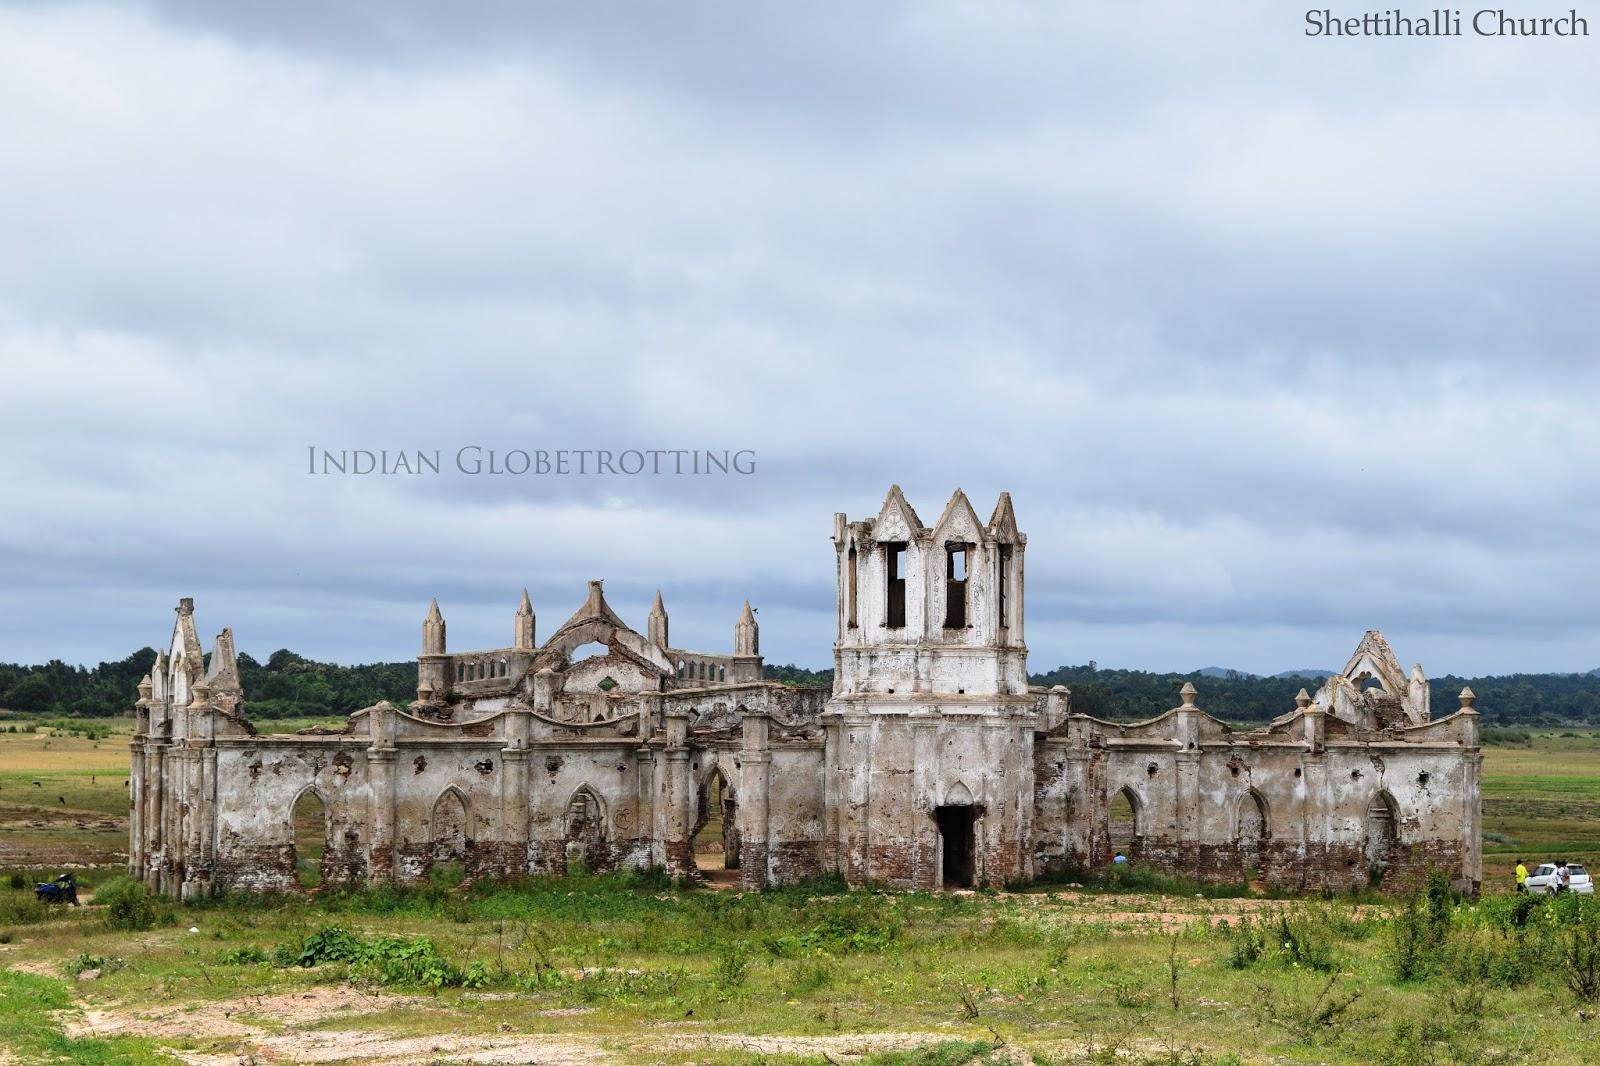 long view of the ruined shettihalli church near Hassan, Karnataka